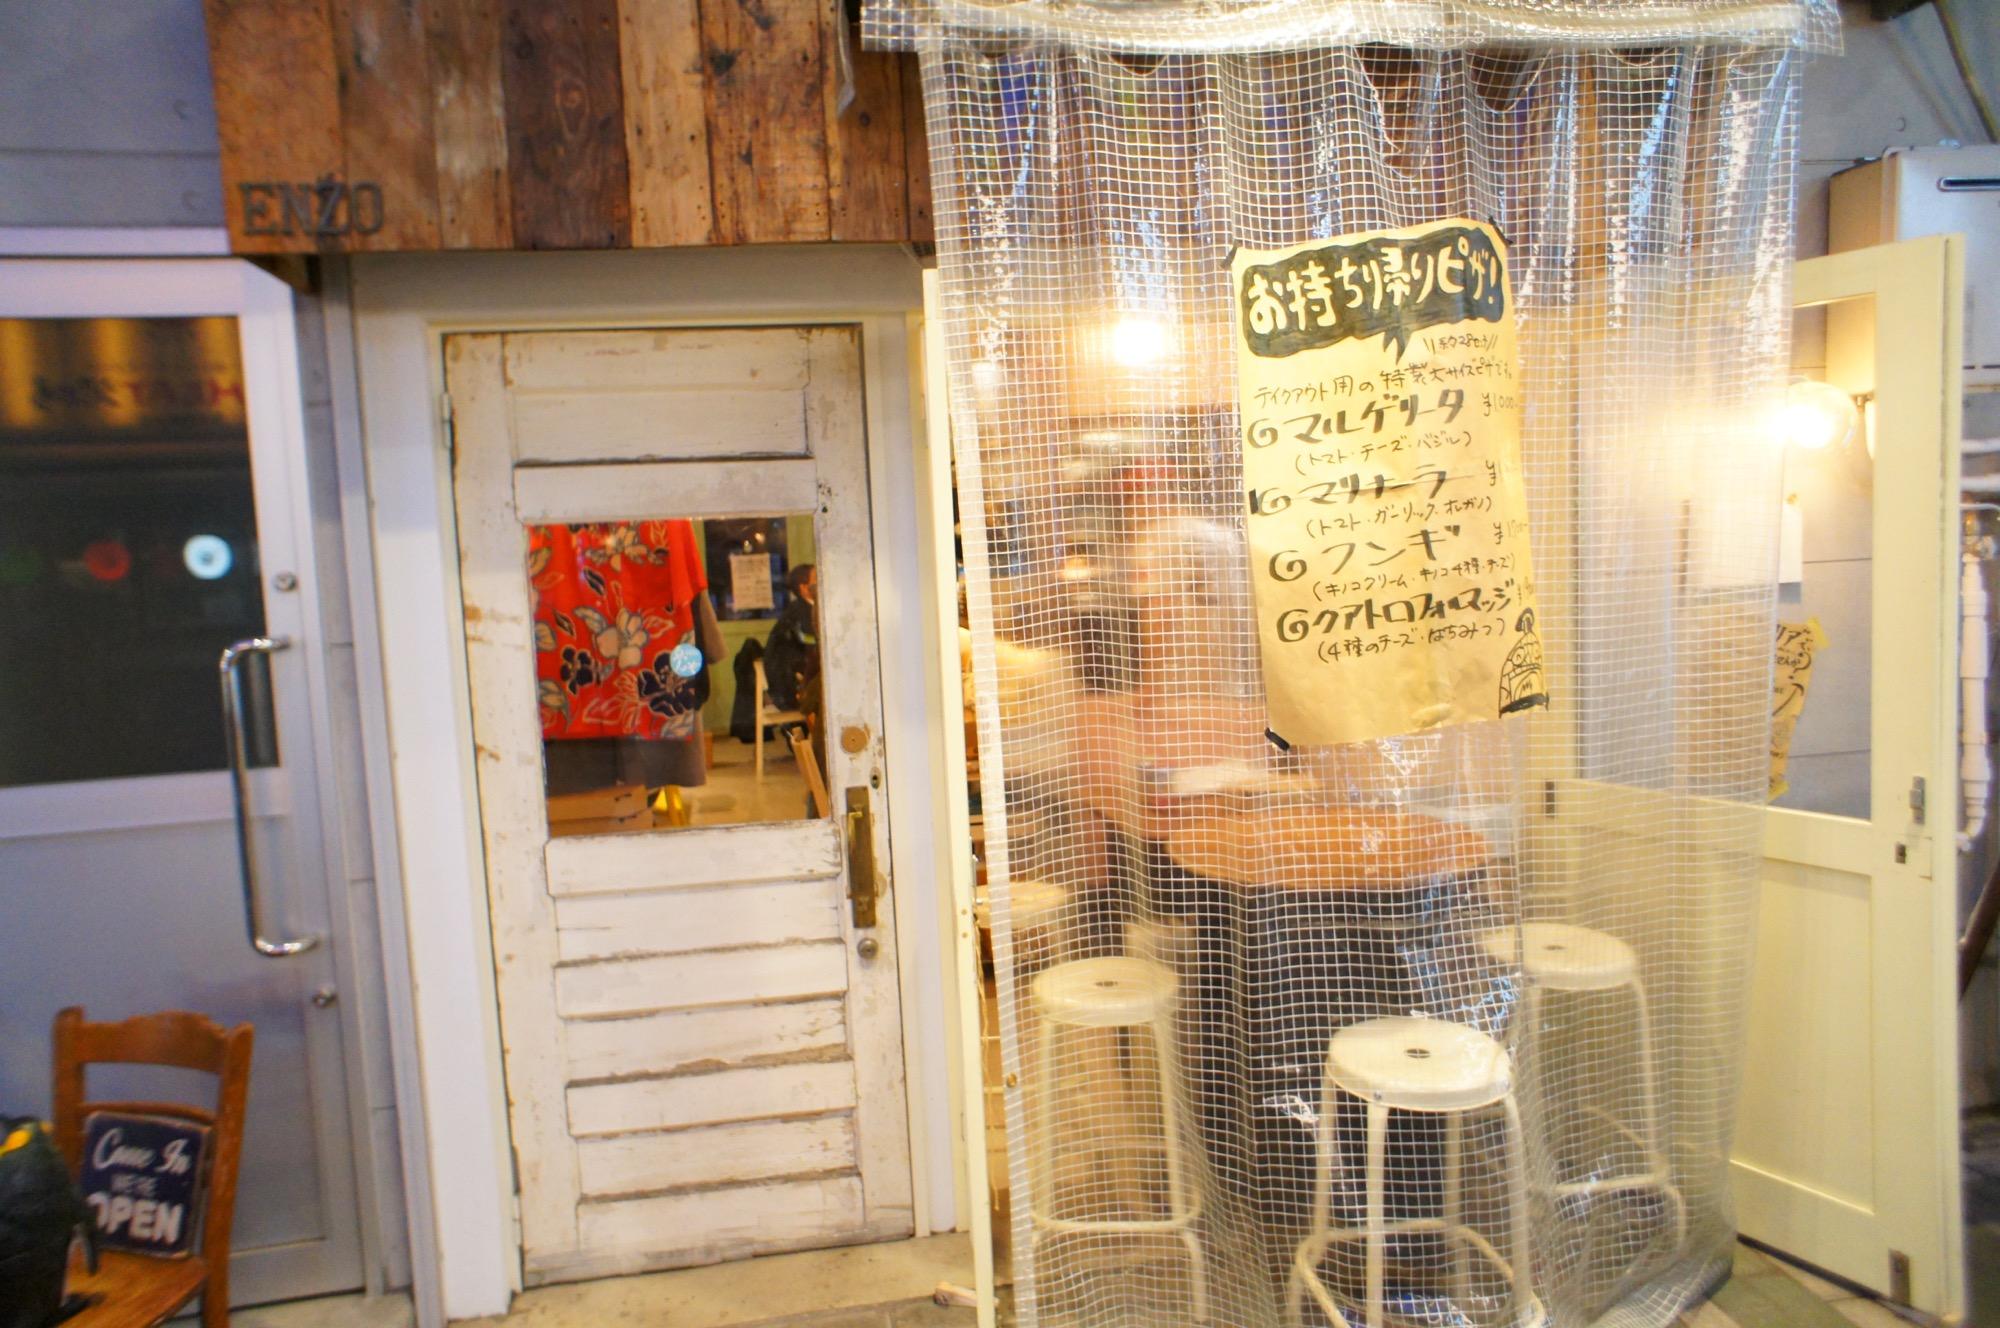 《ご当地MORE✩東京》私イチオシのテイクアウトグルメ❤️【ゑんぞ】絶品ピザが¥1,000!☻_1